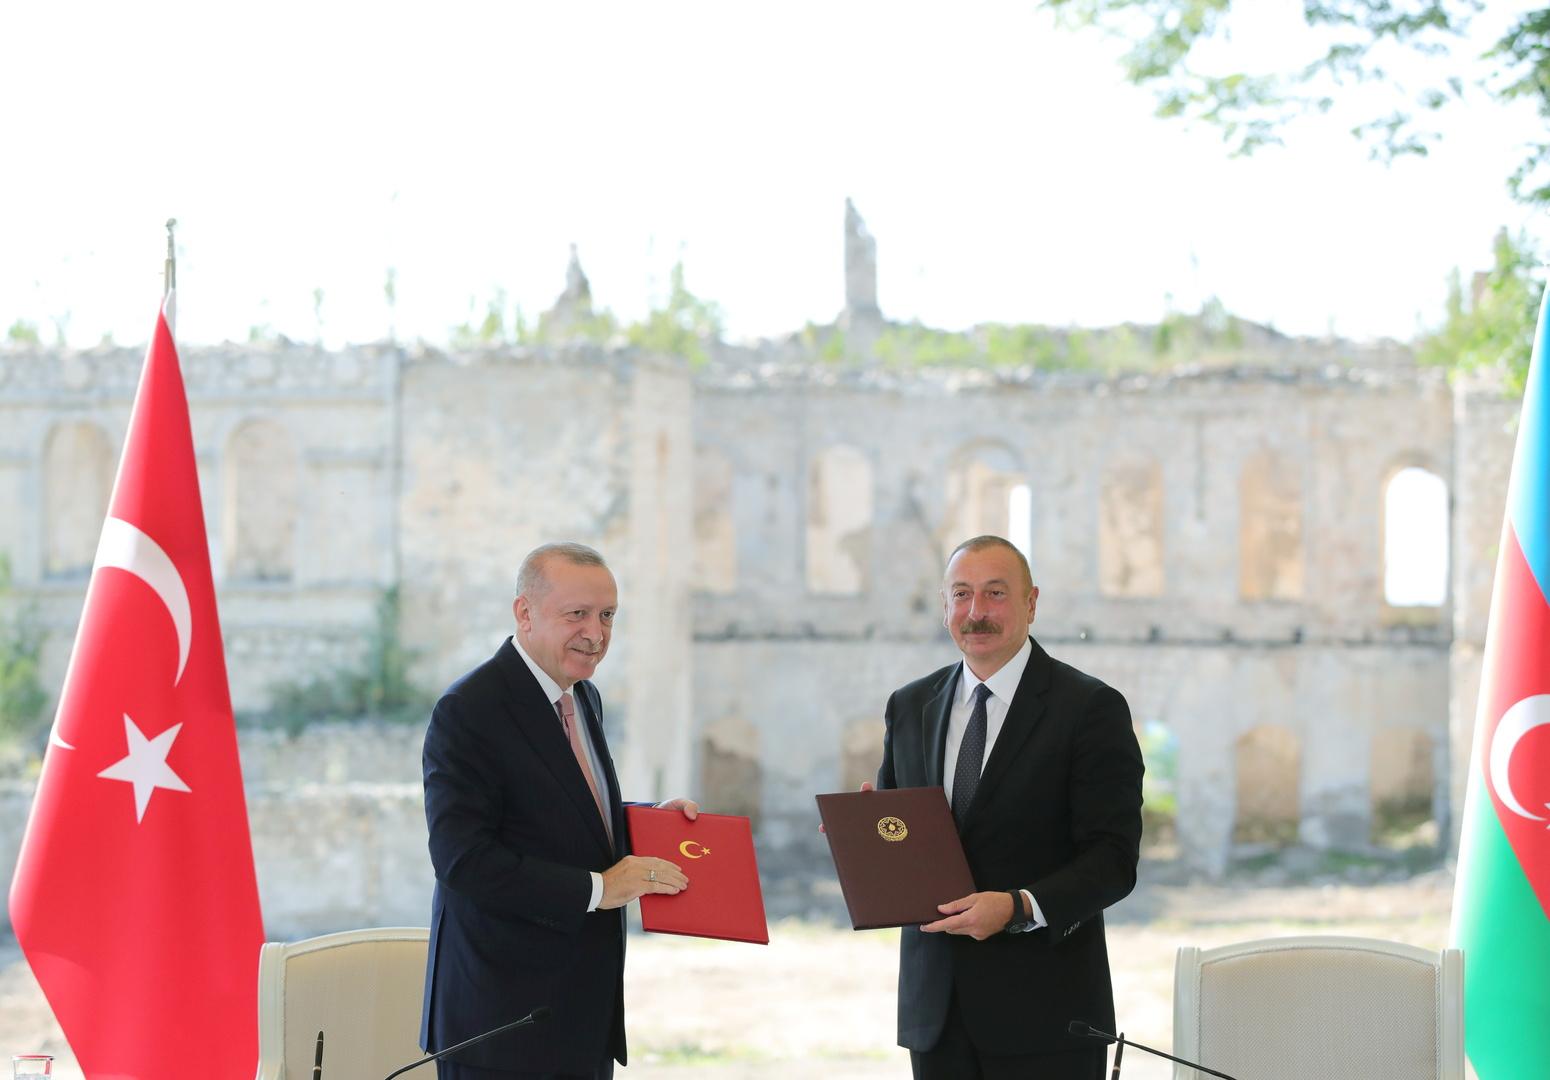 بعد تصريحات أردوغان عن قواعد تركية في أذربيجان.. روسيا تتعهد بحماية مصالحها